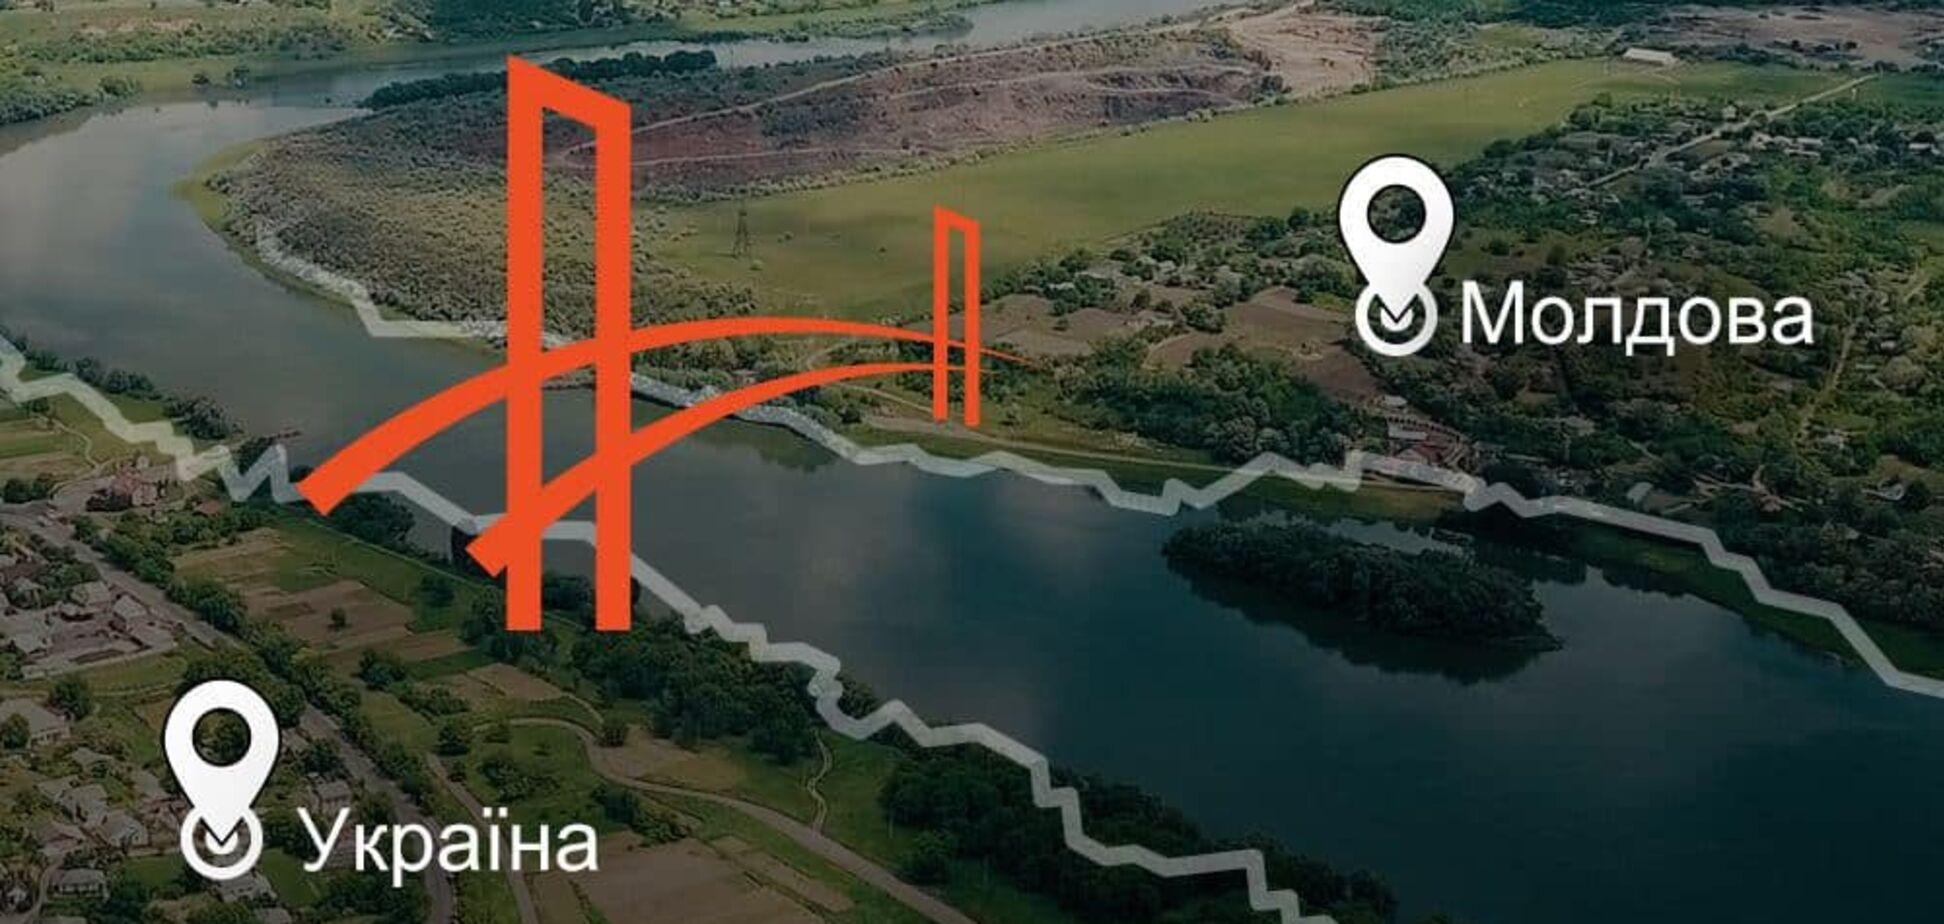 Ямпільський міст з'єднає Україну з Молдовою